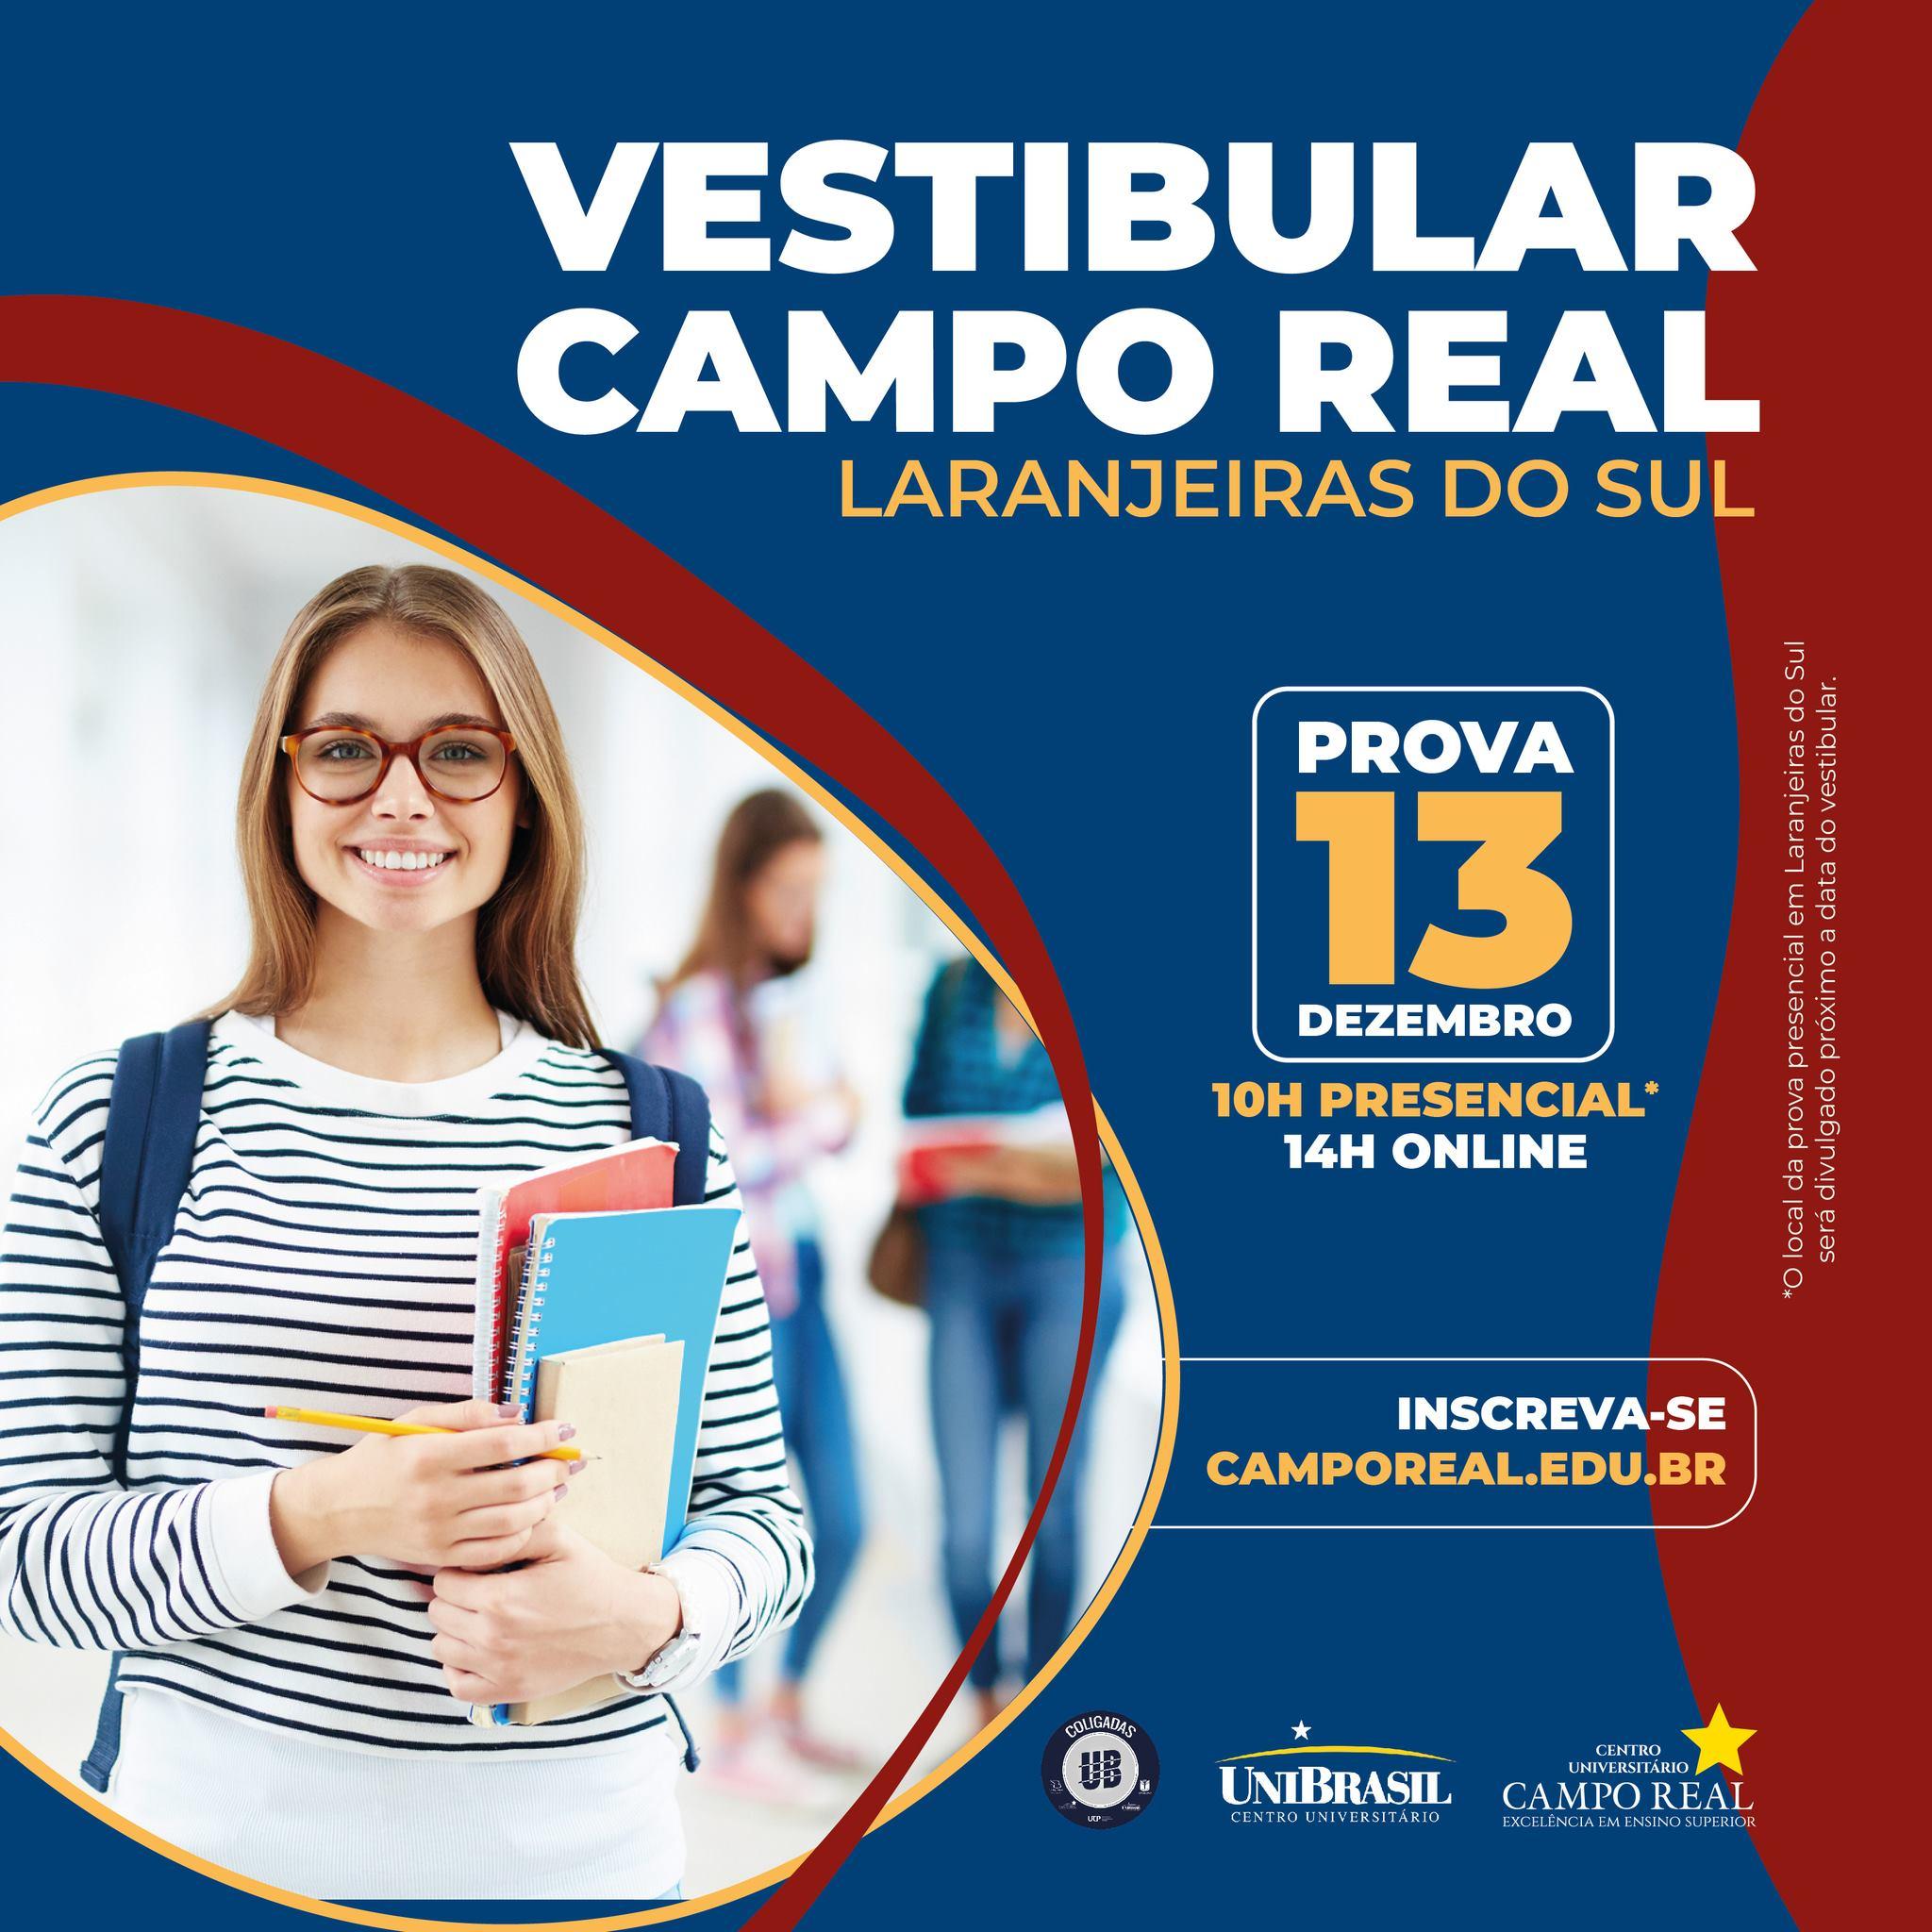 Vestibular Campo Real em Laranjeiras do Sul, INSCRIÇÕES ABERTAS